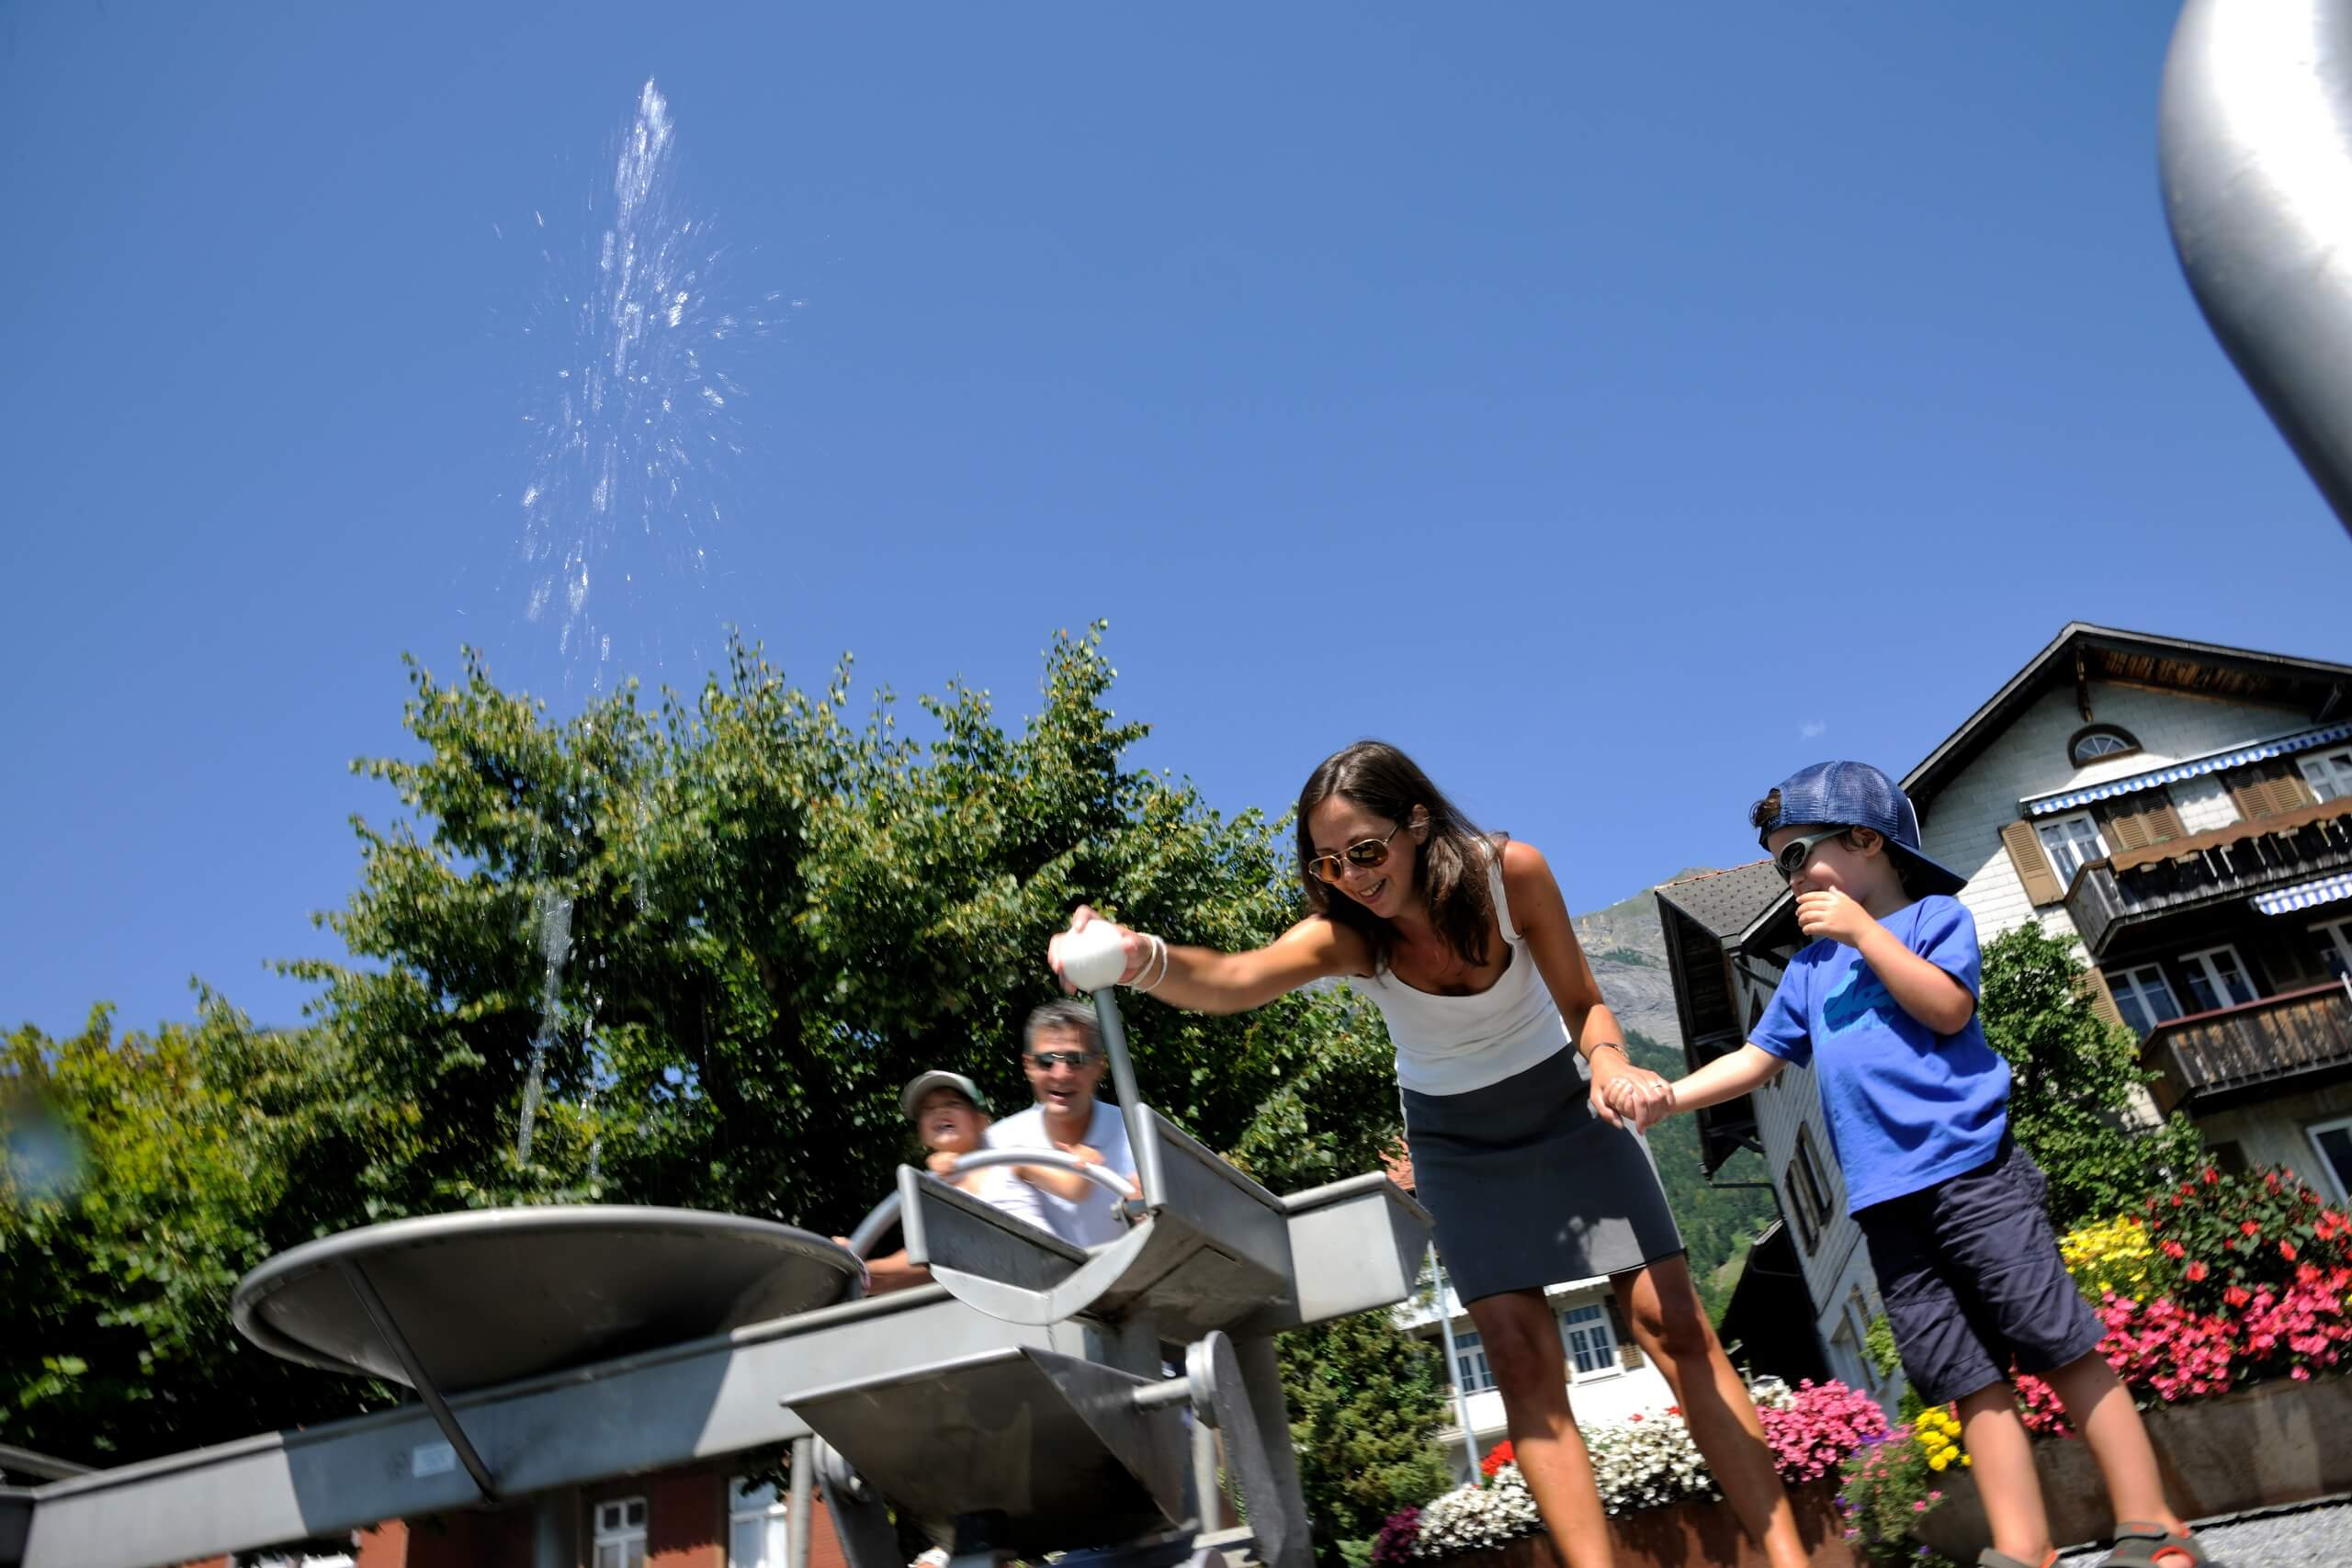 brienz-wasserspiel-sommer-kinder-familie